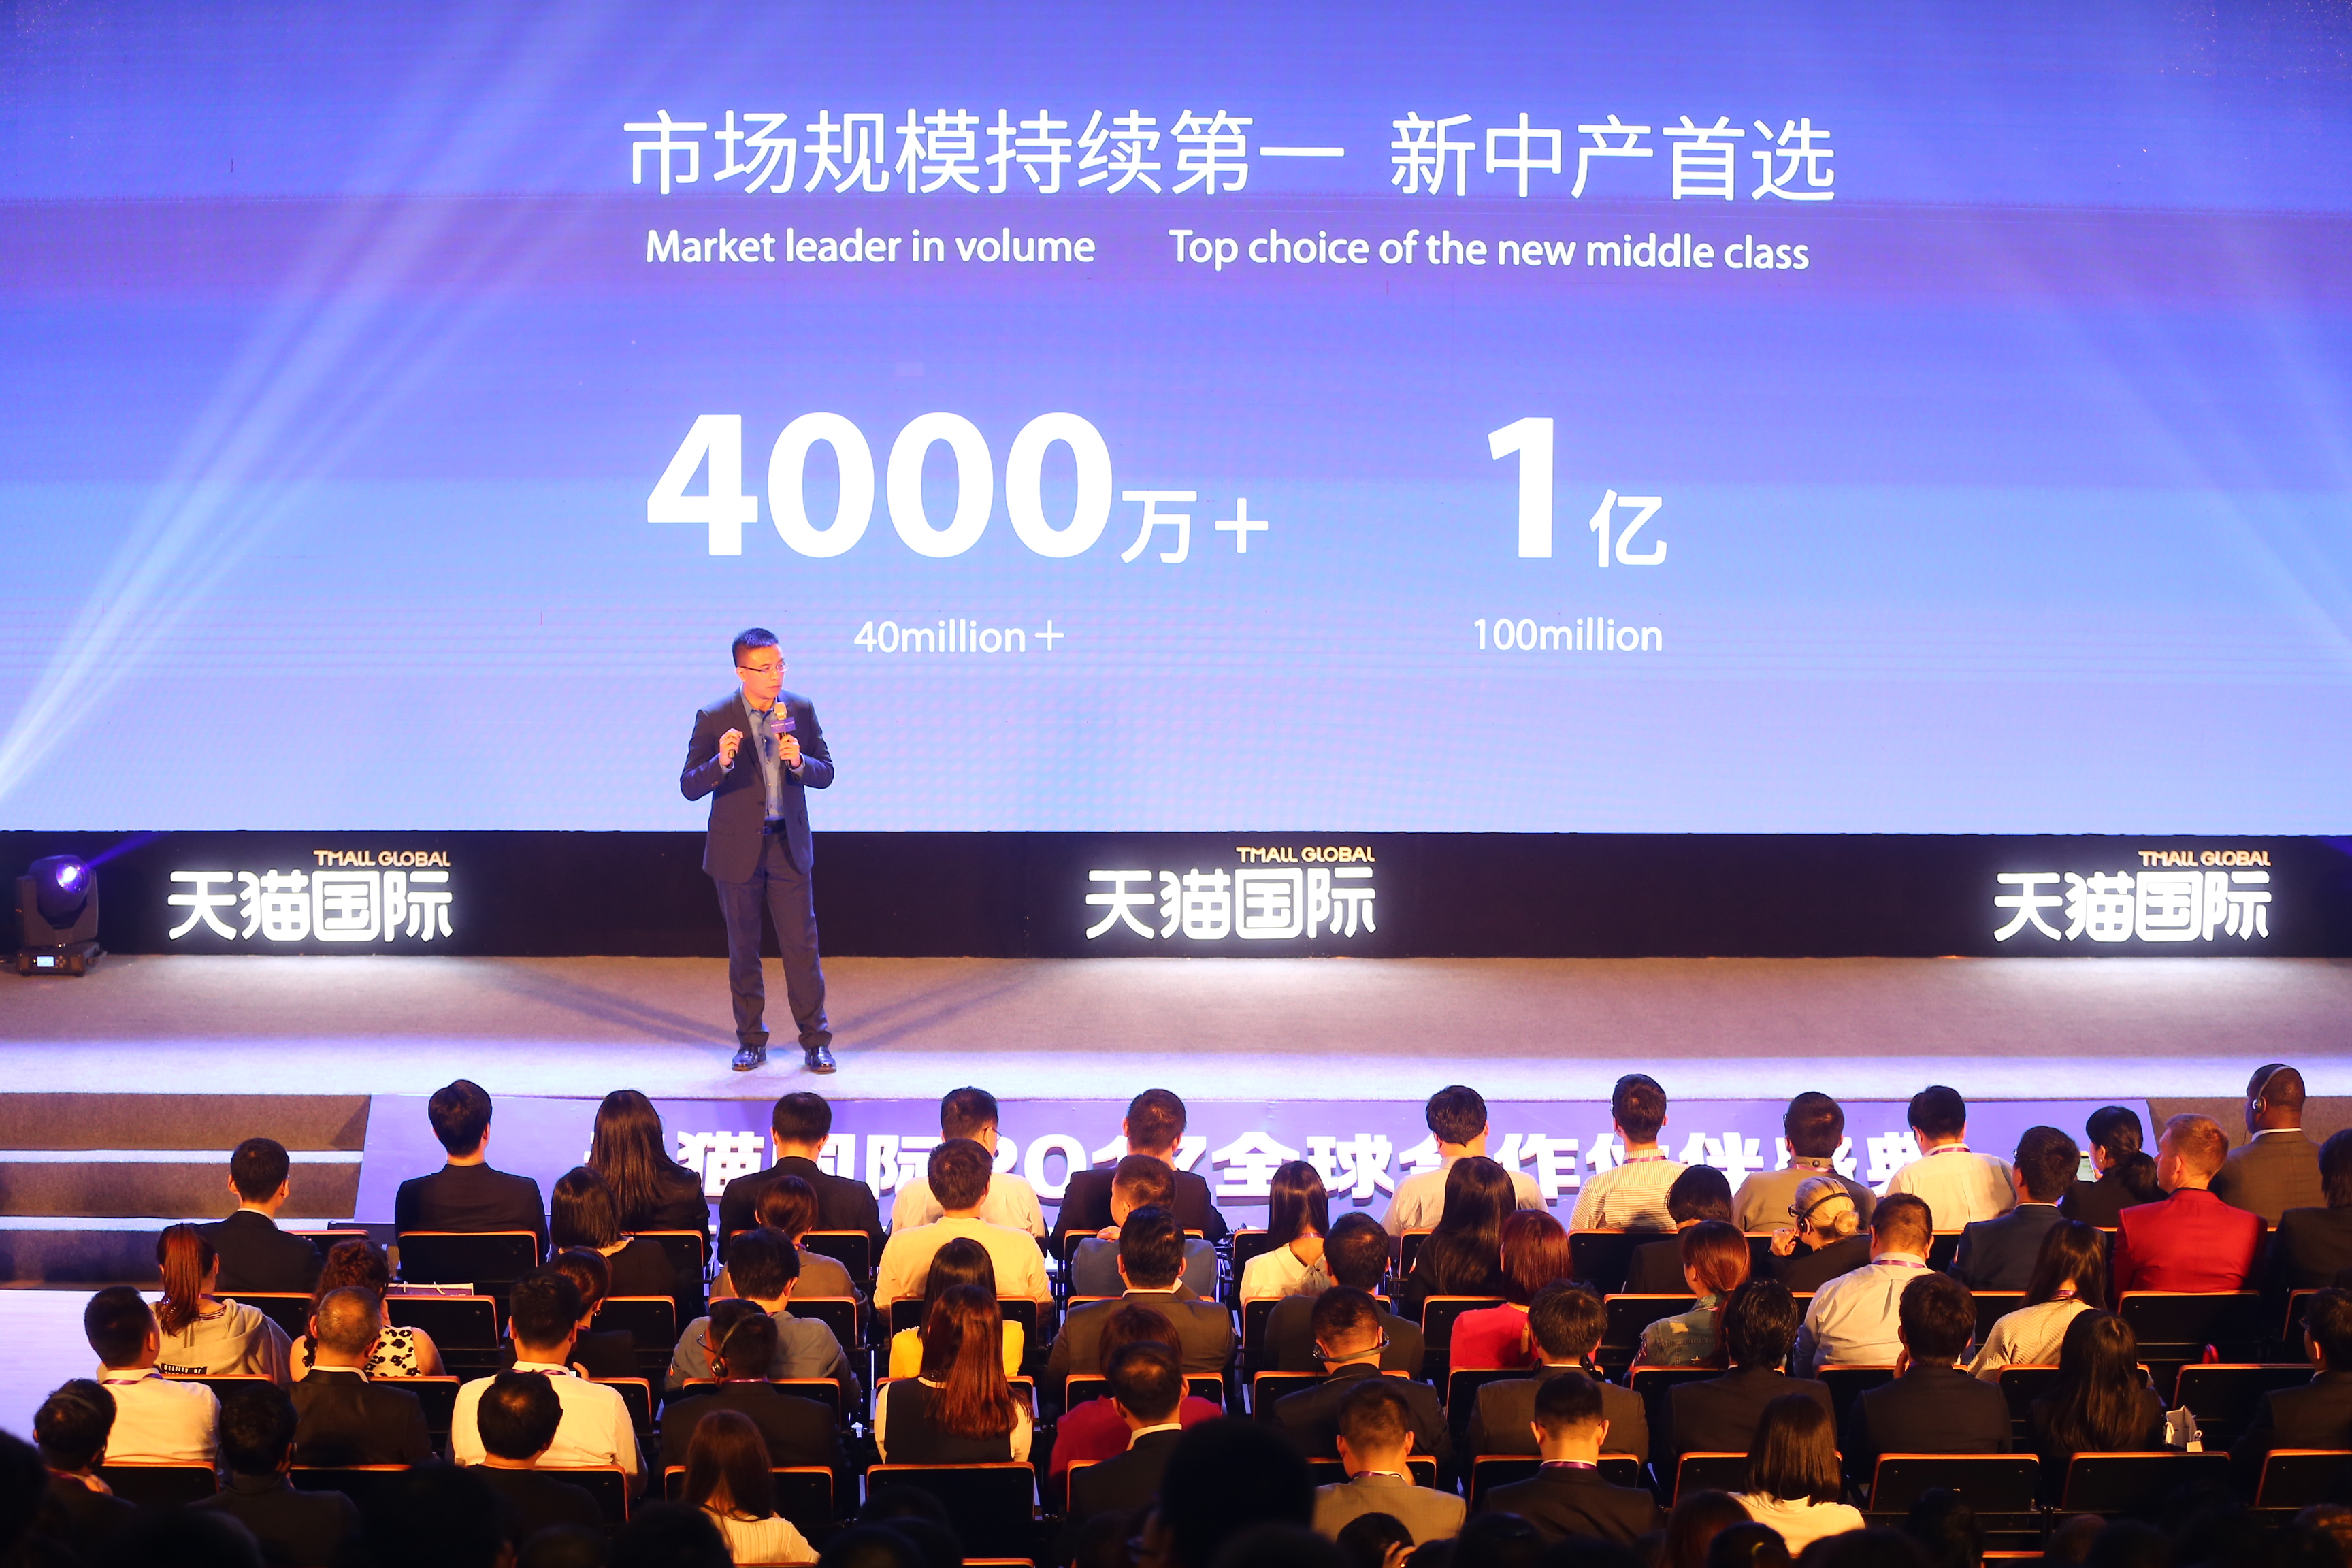 天猫国际618同比成交超500%  引爆全球新零售狂欢